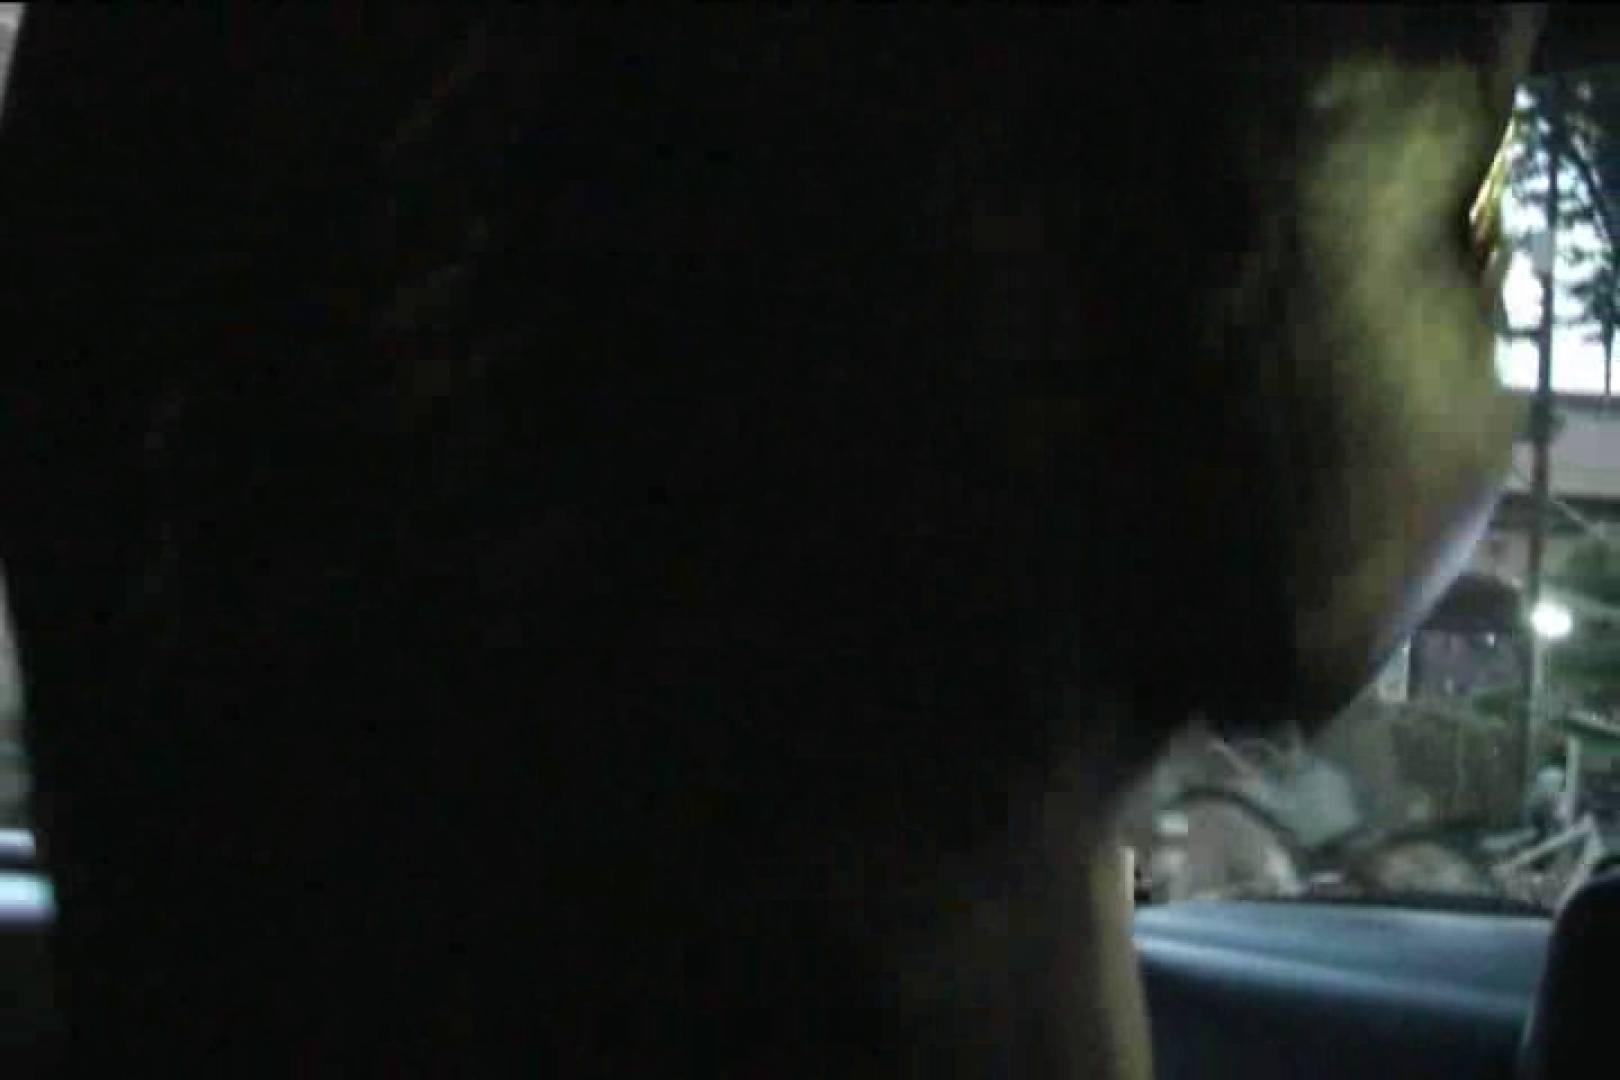 車内で初めまして! vol01 ハプニング 濡れ場動画紹介 105連発 17